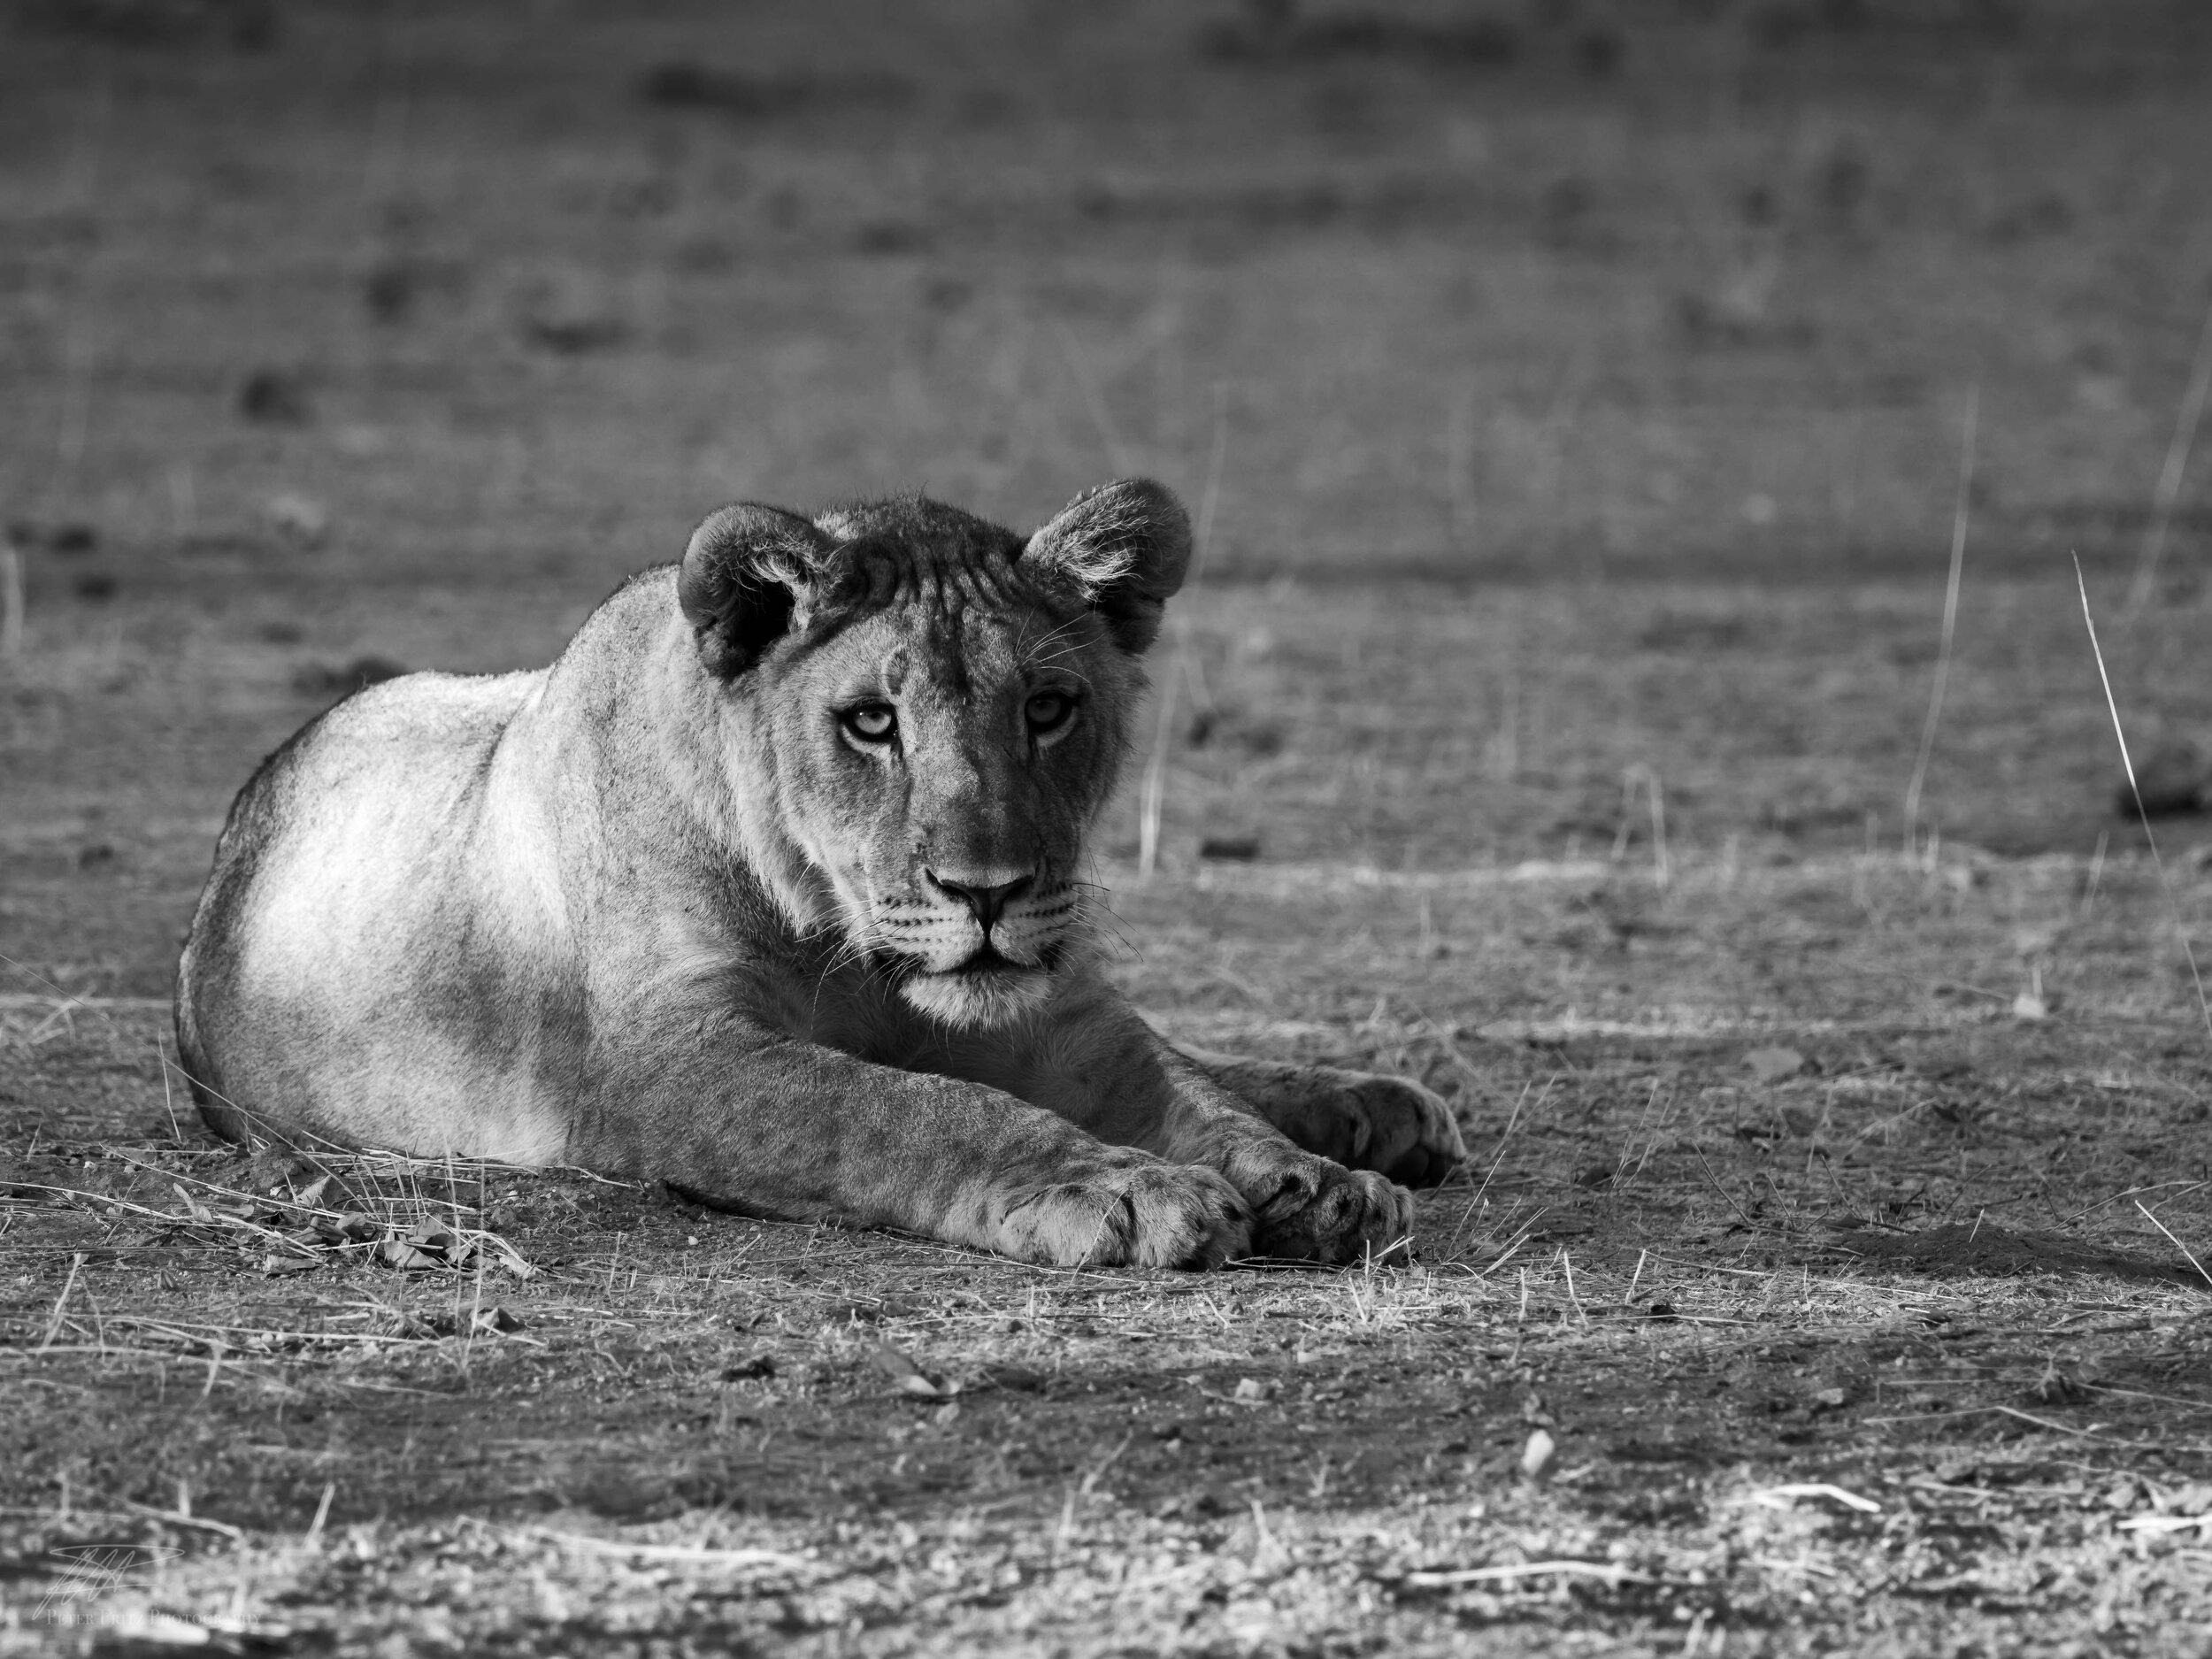 Lion cub bnw 4x3 web.jpg